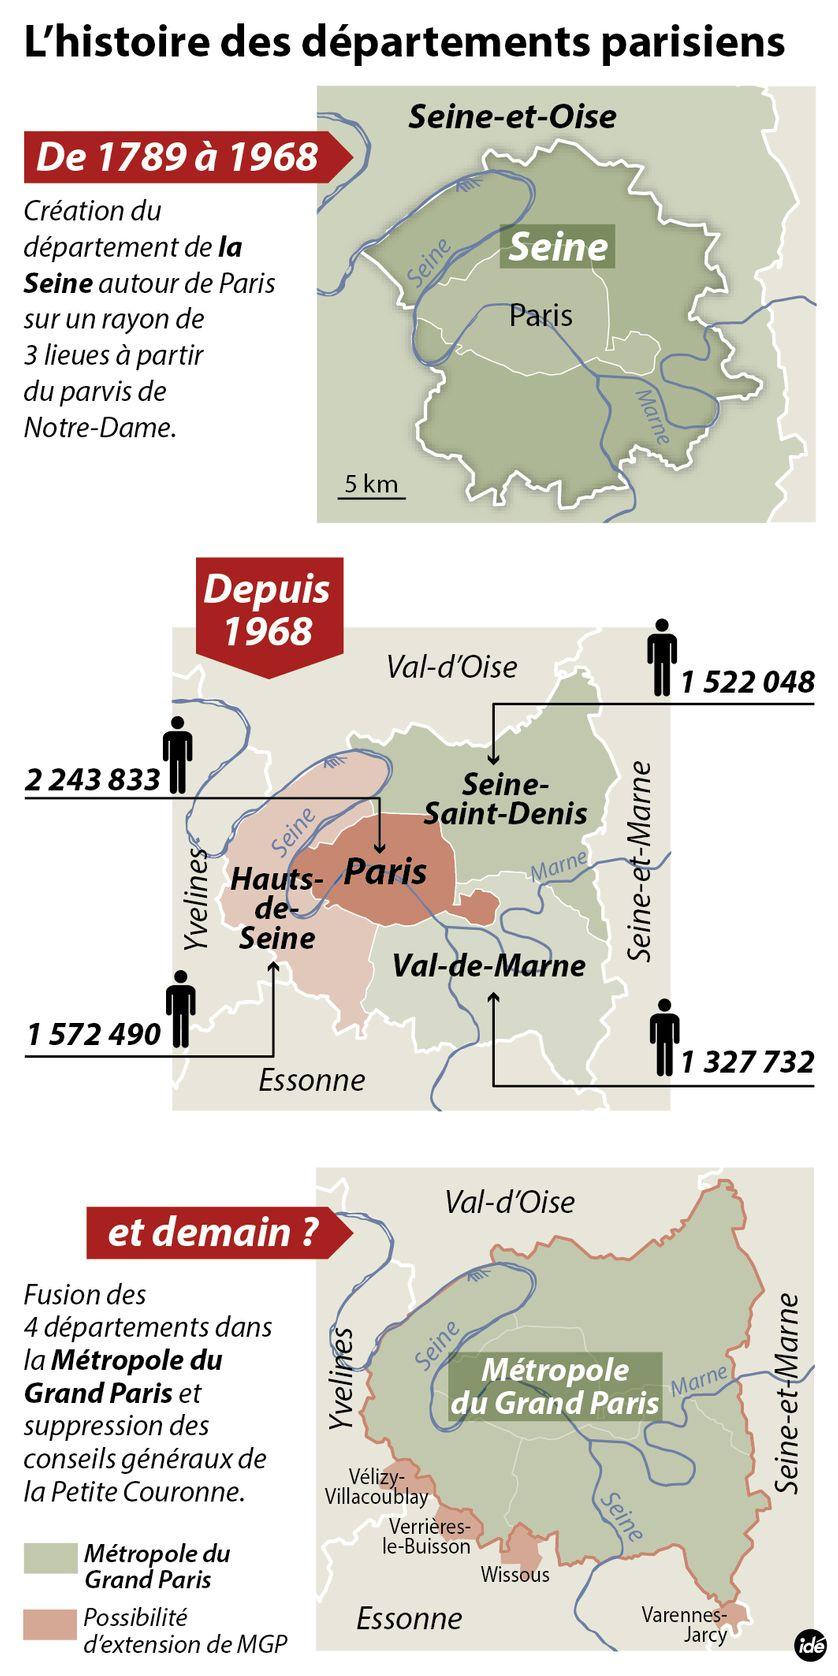 L'histoire des départements parisiens. 1789, 1968... et demain ?